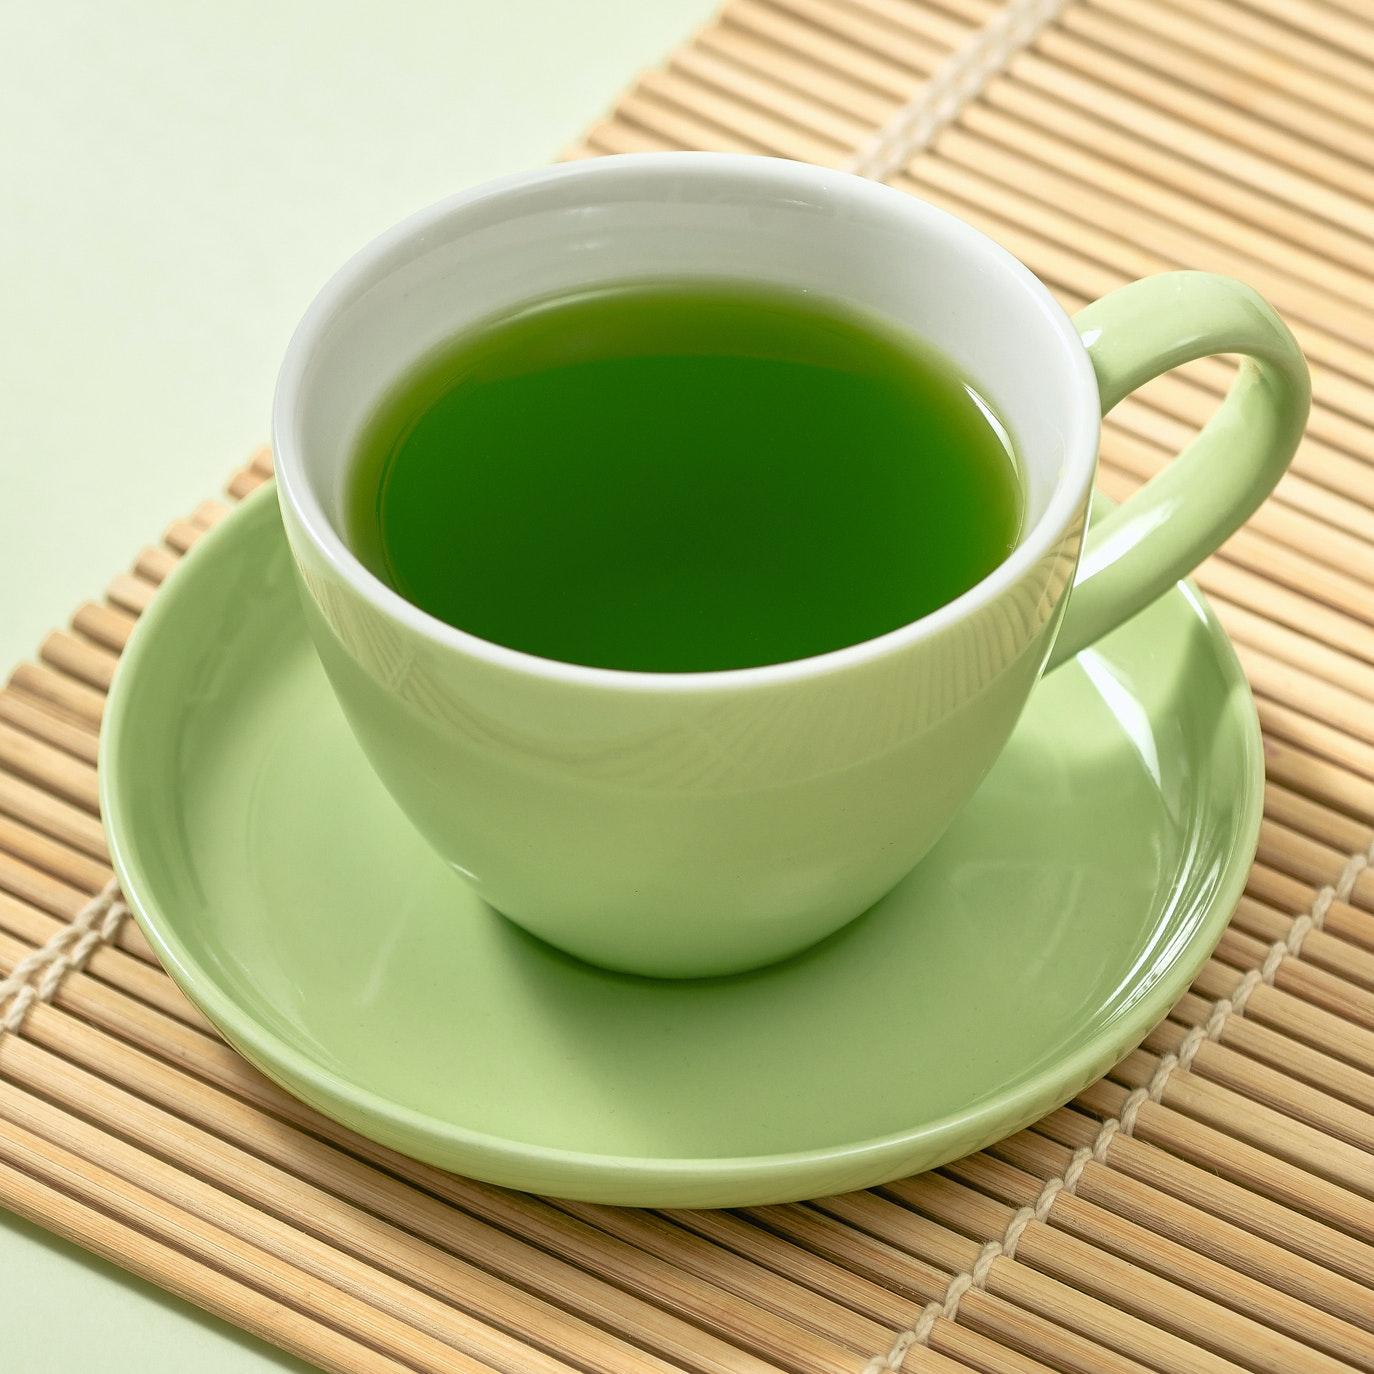 diy natural skin care toner green tea